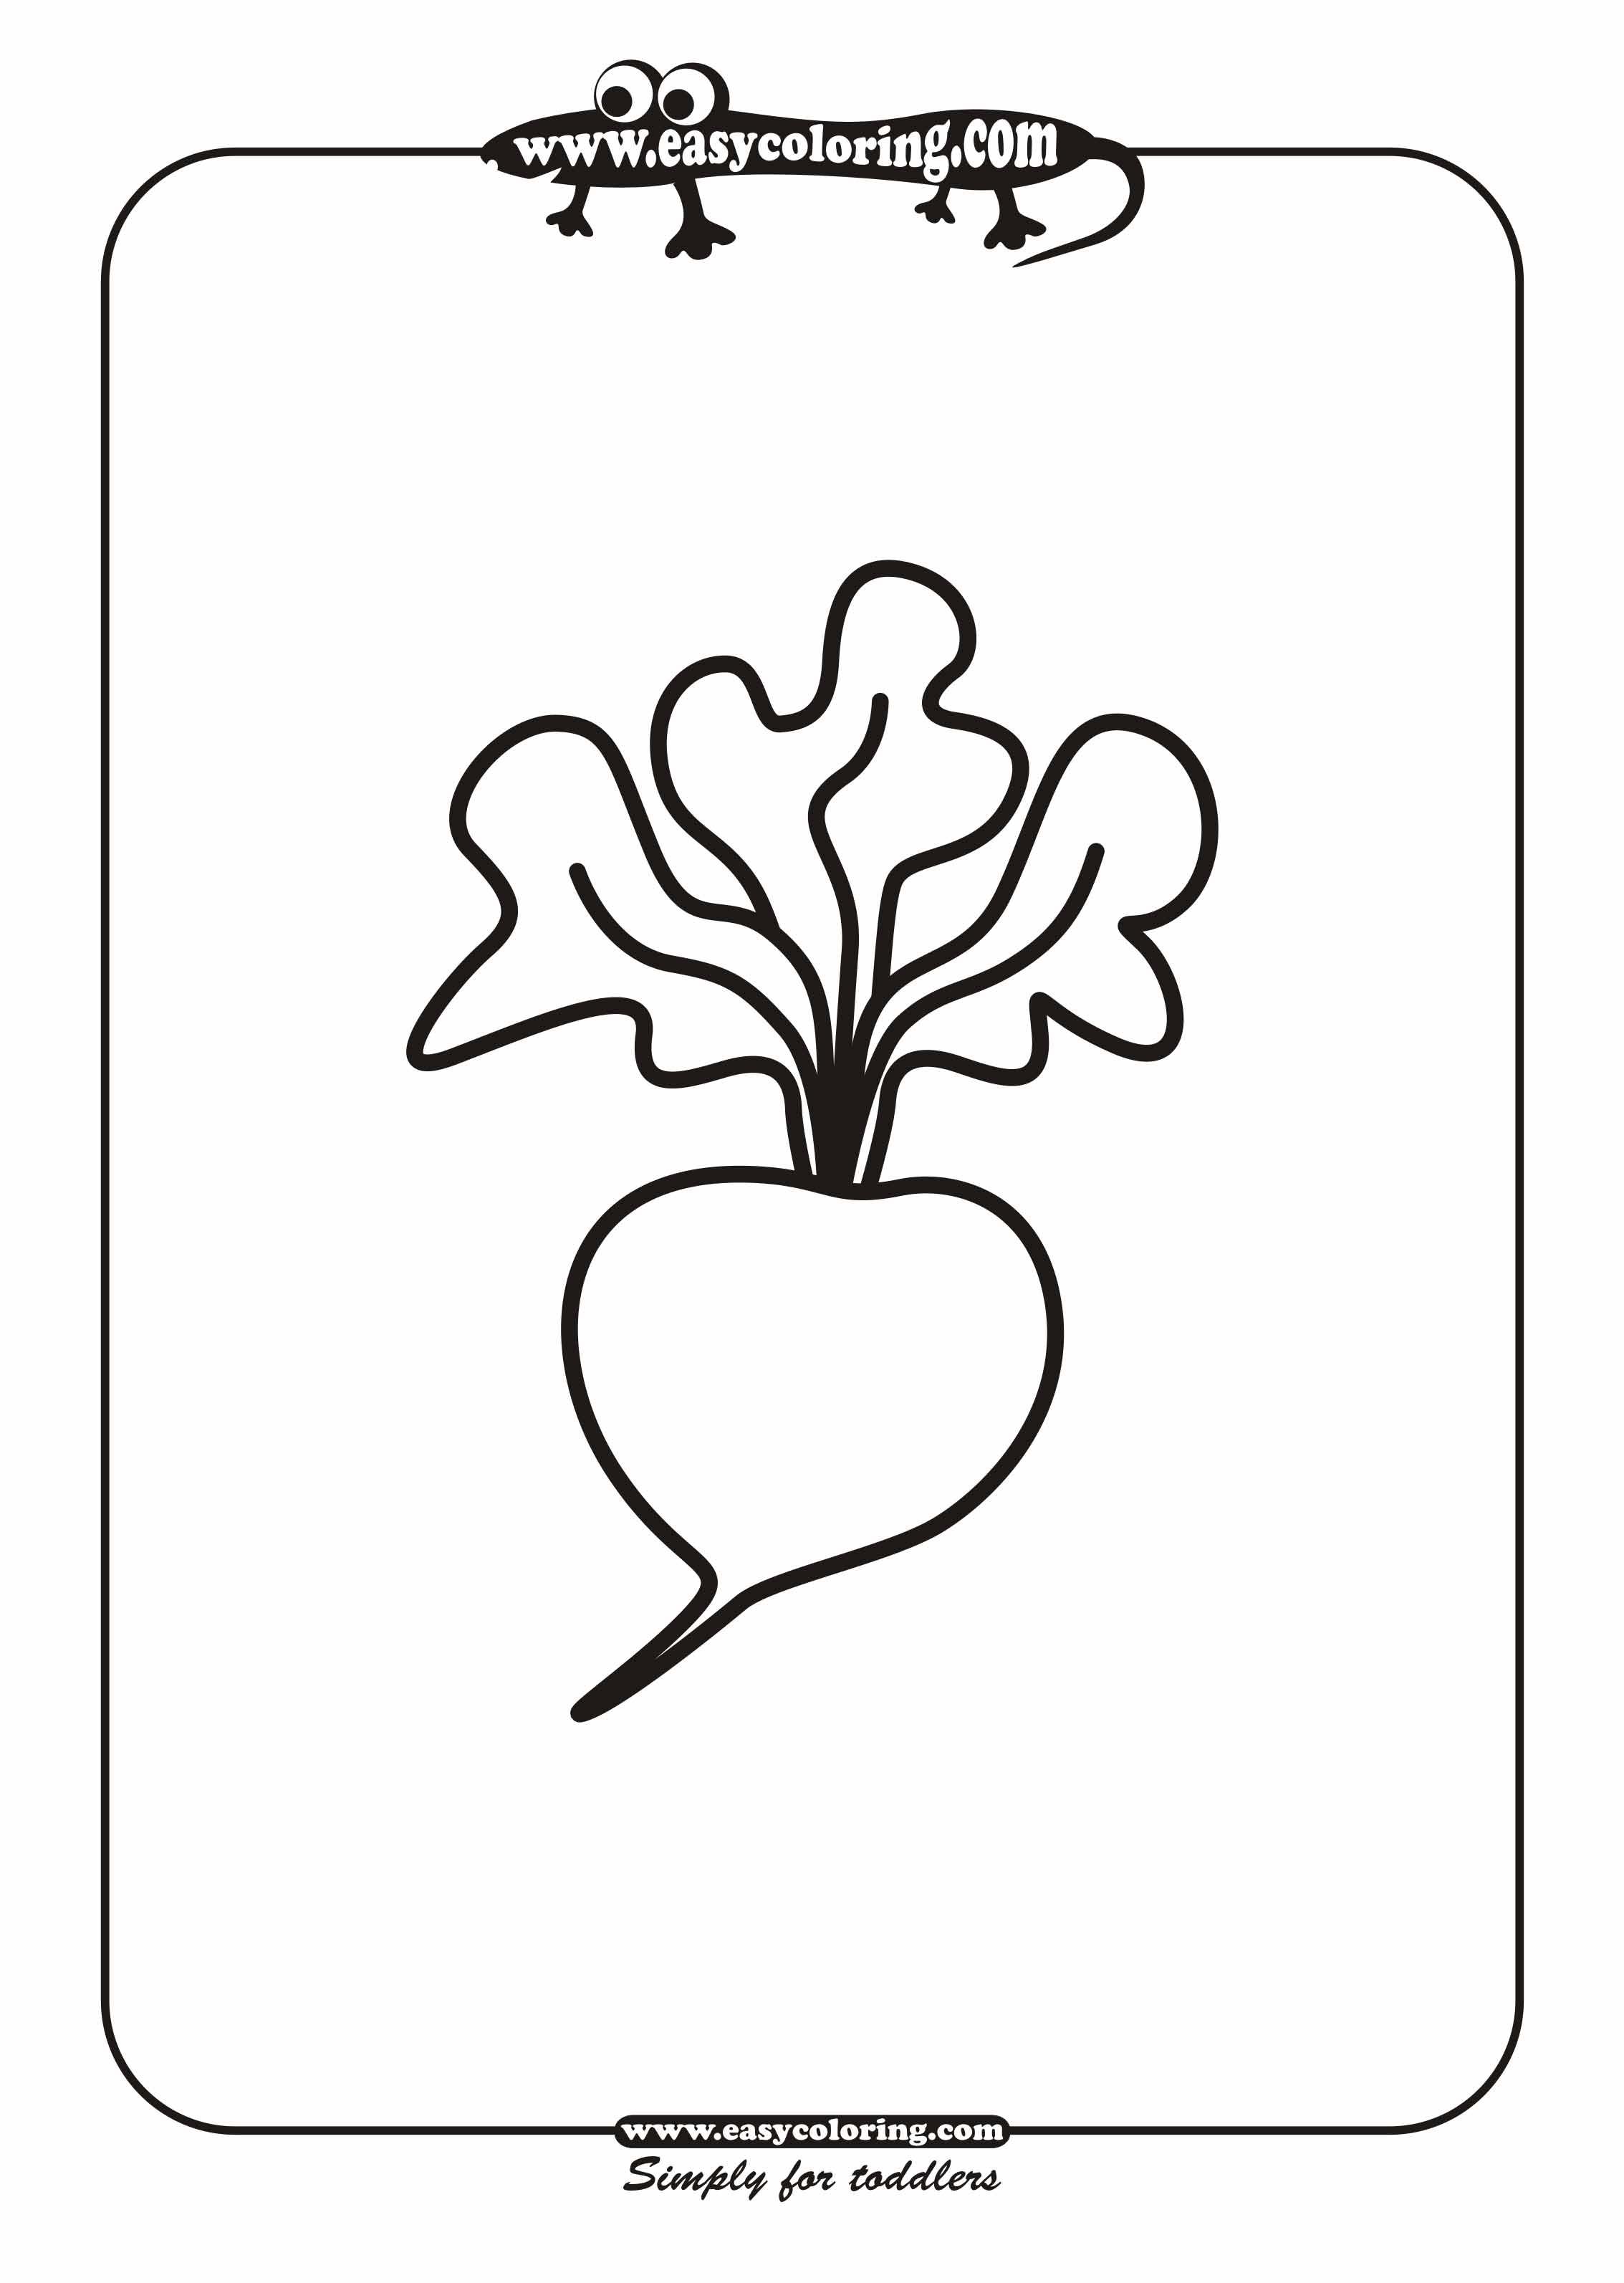 Radish Simple vegetables Easy